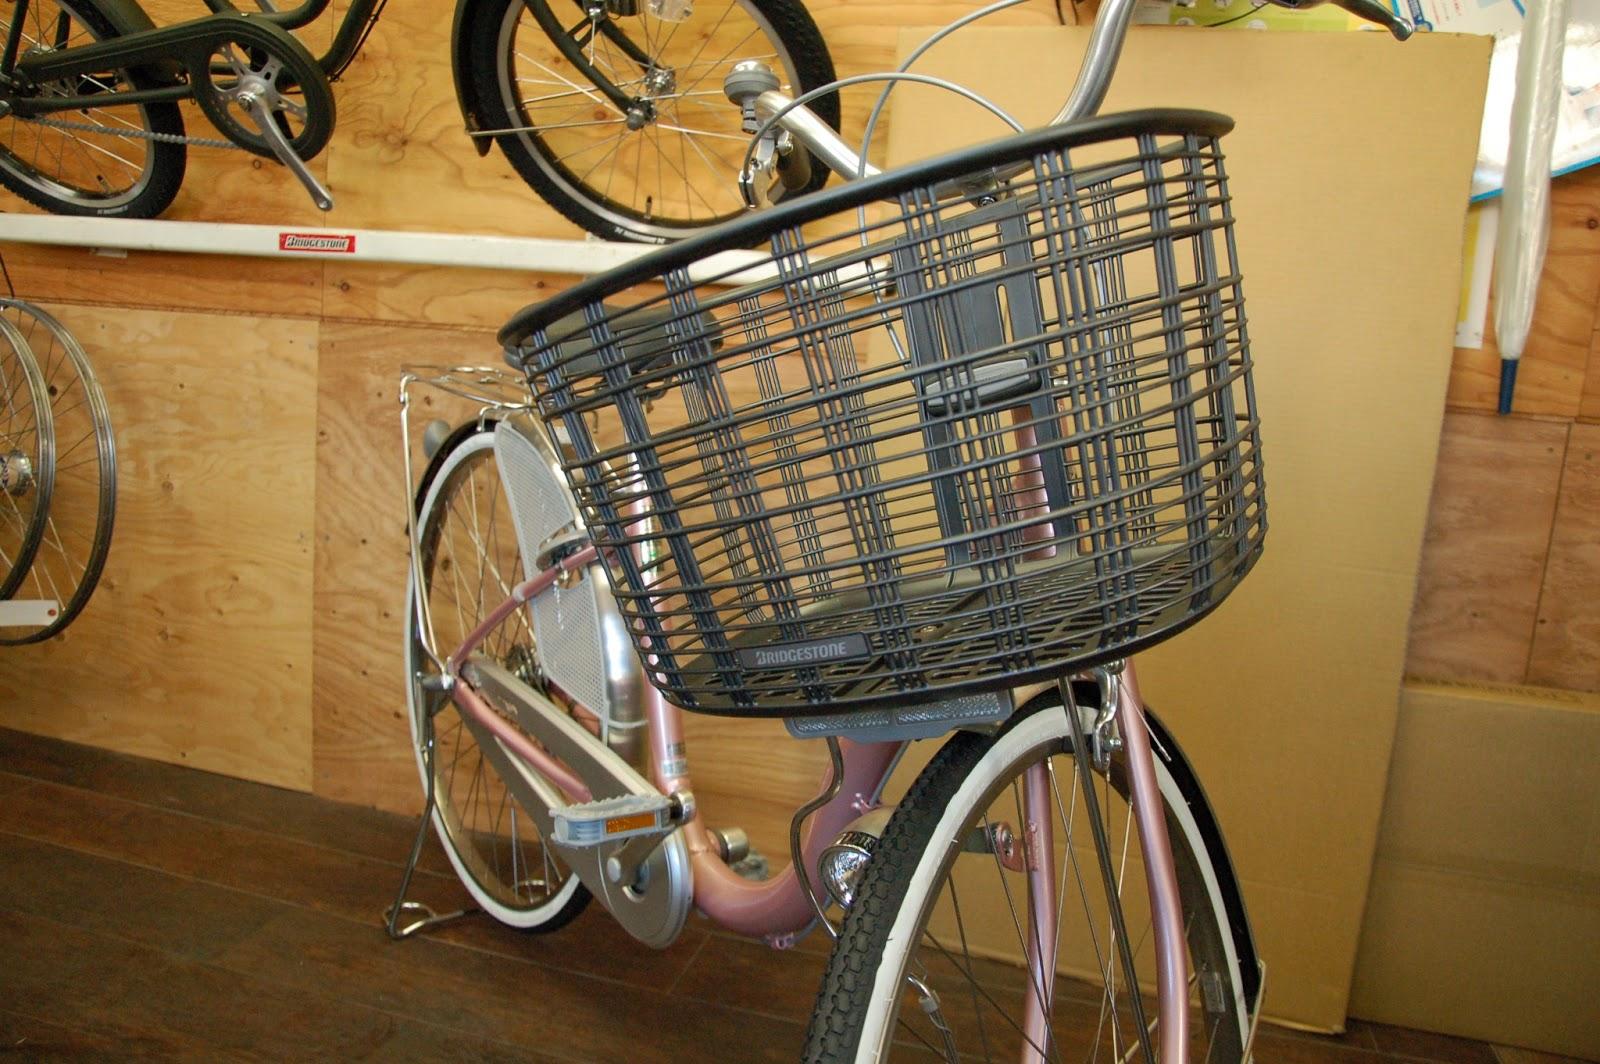 自転車屋 自転車屋さん 近く : 西船橋の自転車屋さんのブログ ...